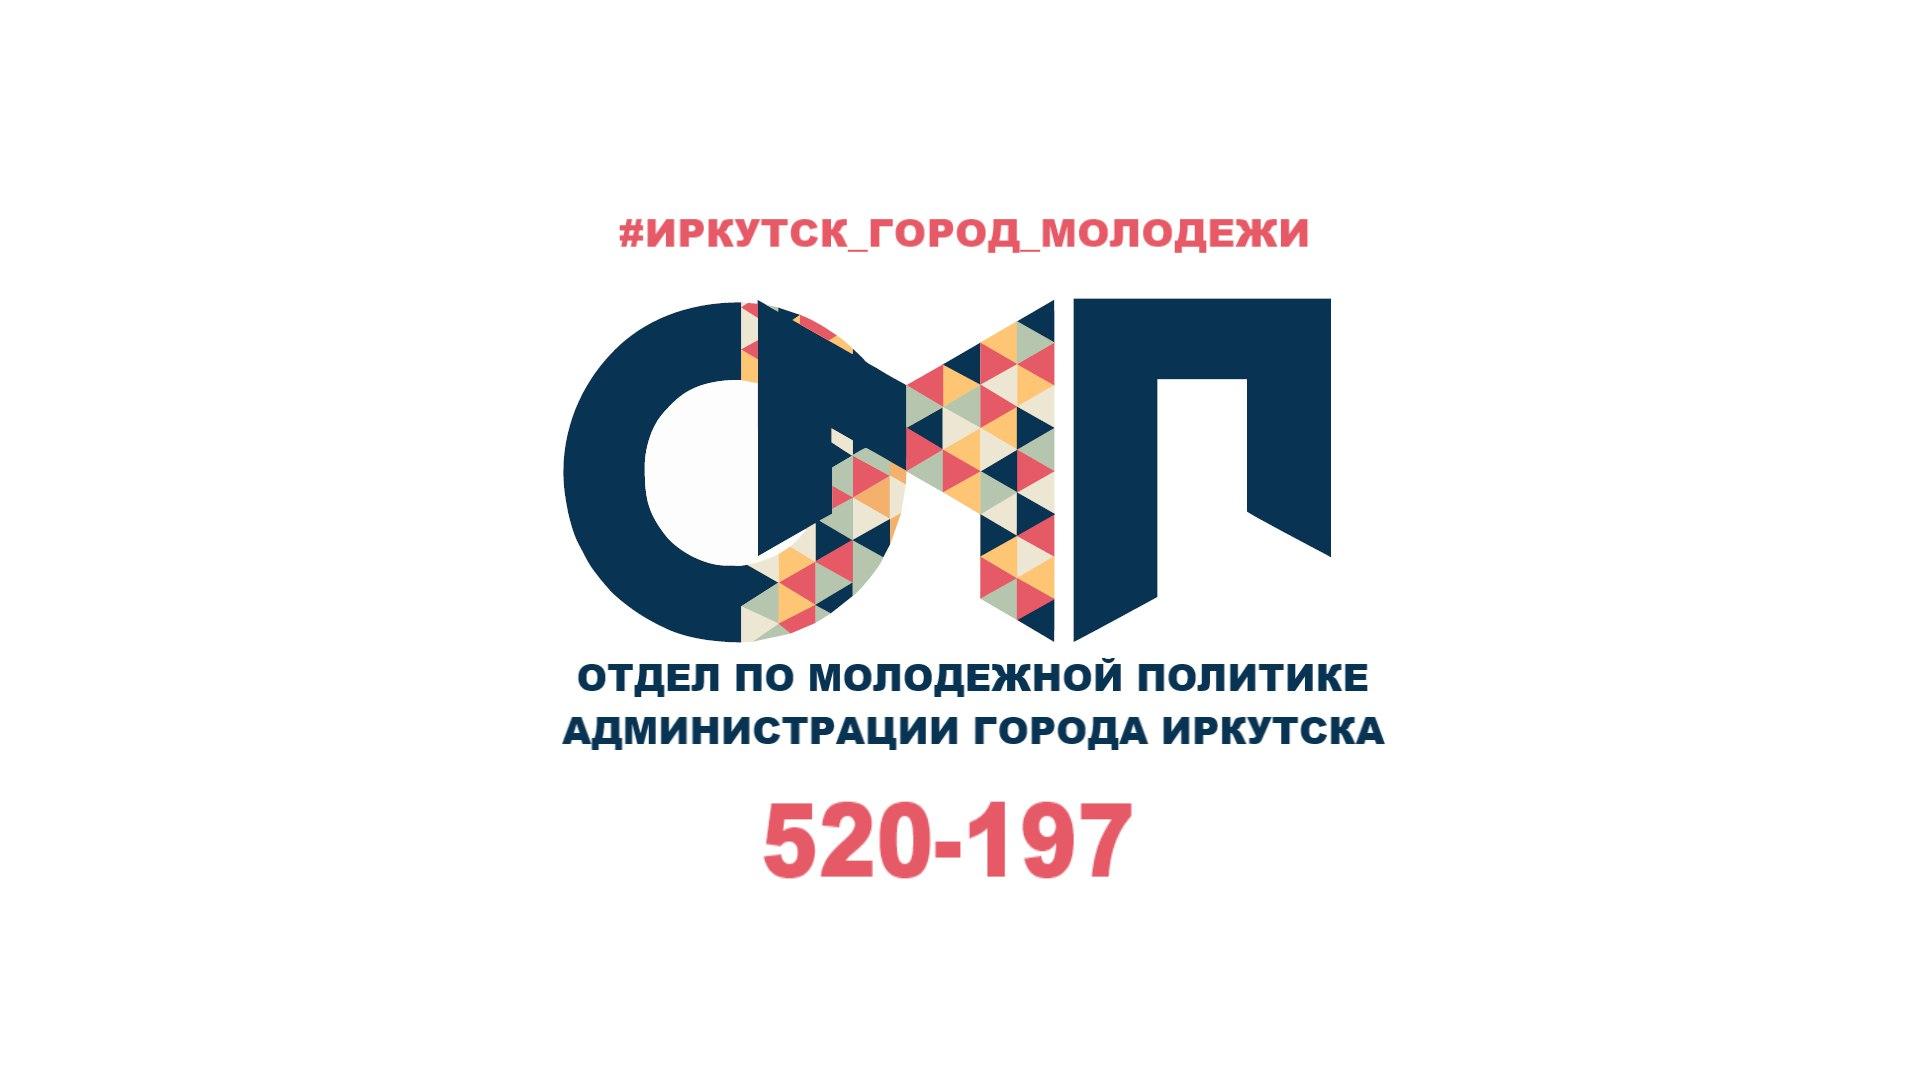 Отдел по молодёжной политике г. Иркутск